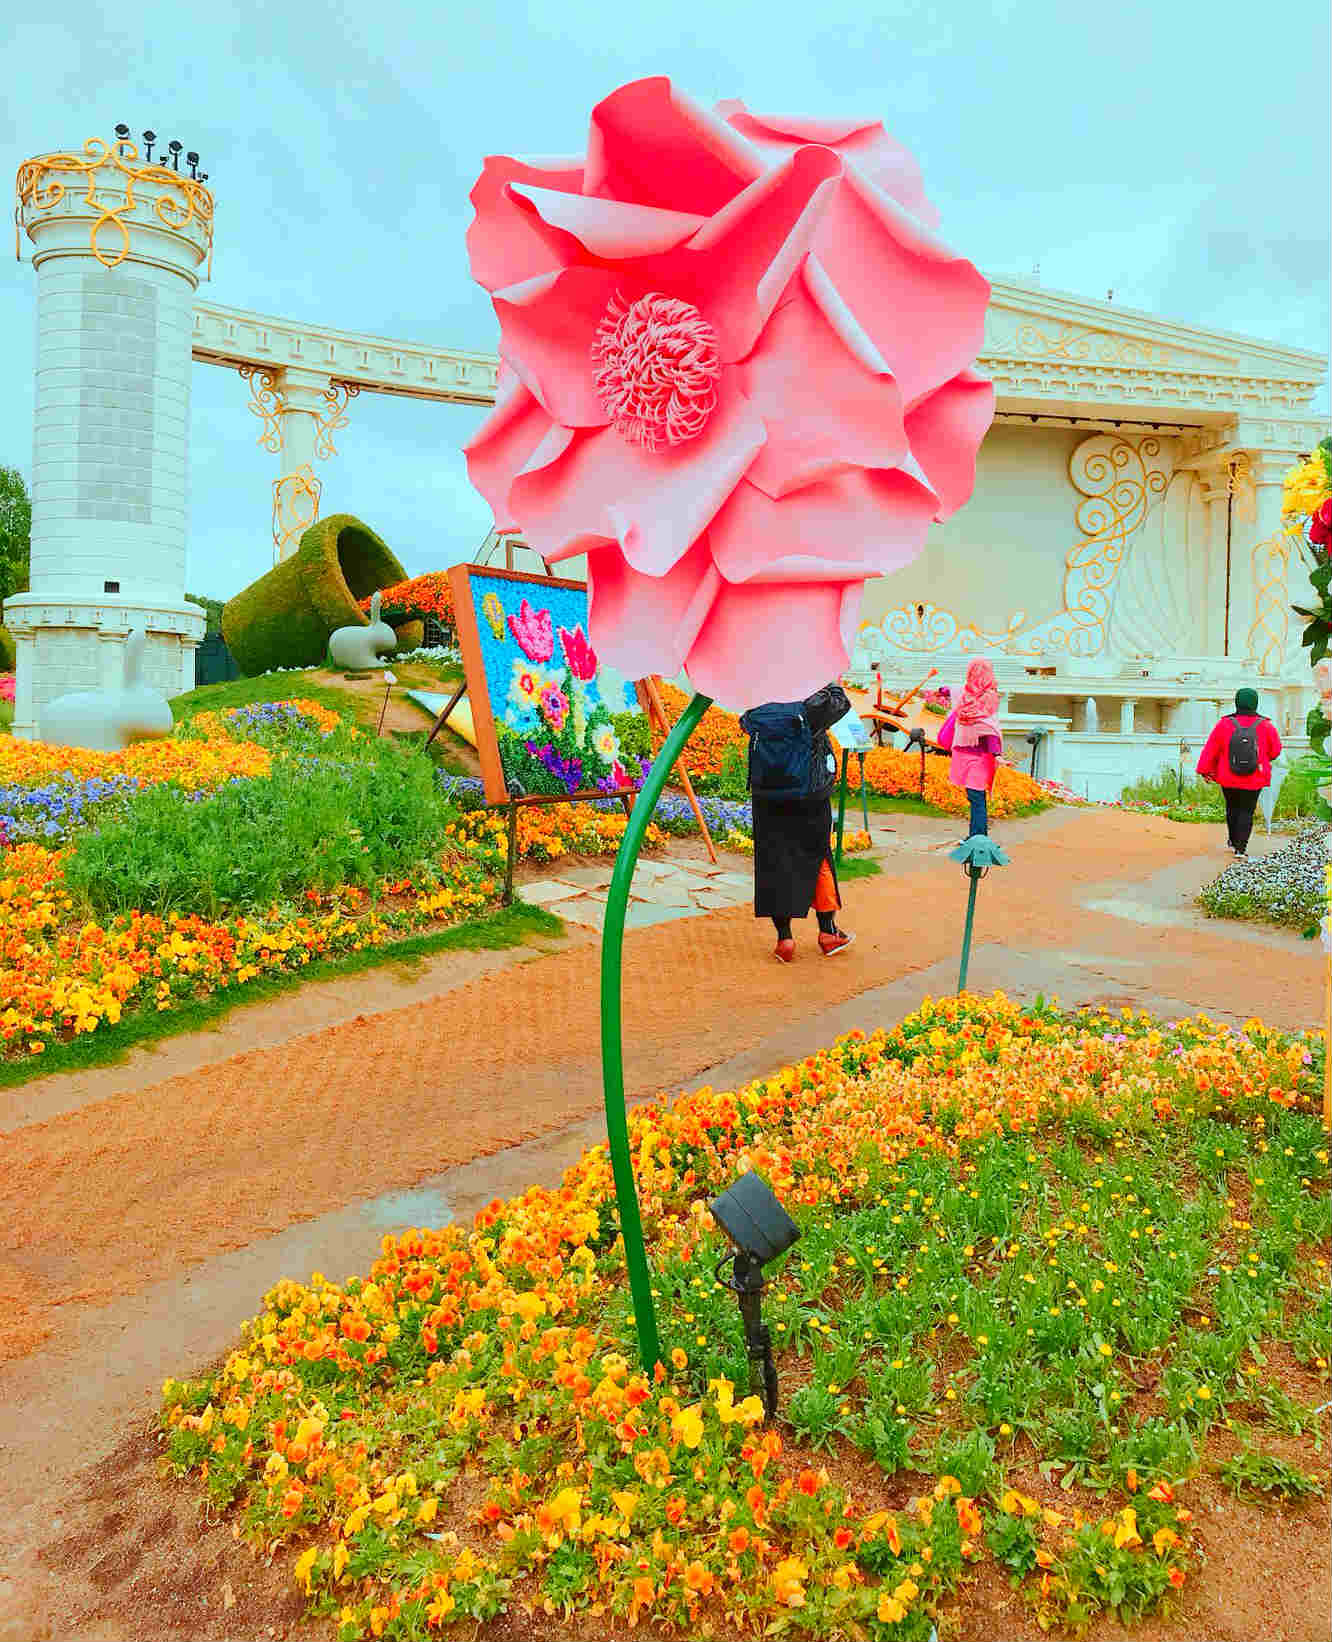 在園內的歐洲市集區,打造了一個超級夢幻的鬱金香花園,不但有大型熱氣球,還有3公尺高的巨型花朵。